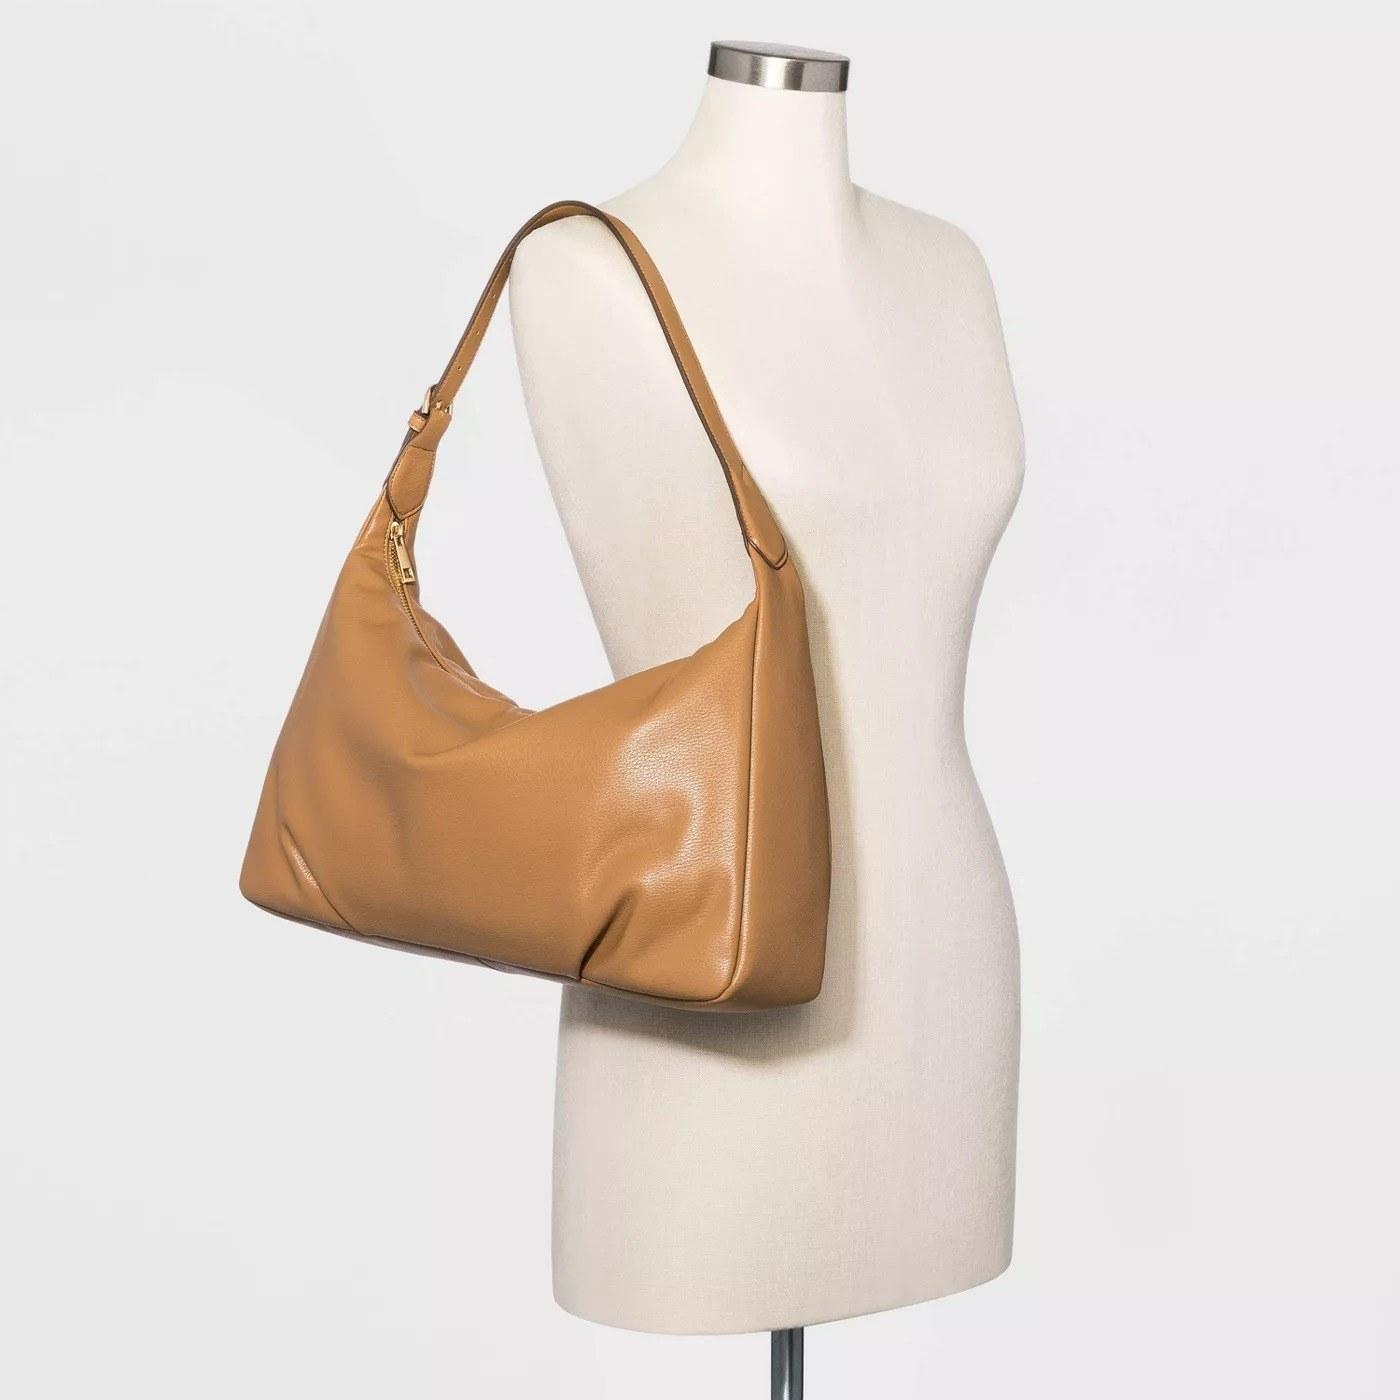 Dark beige rectangular purse with gold zipper, scoop handle